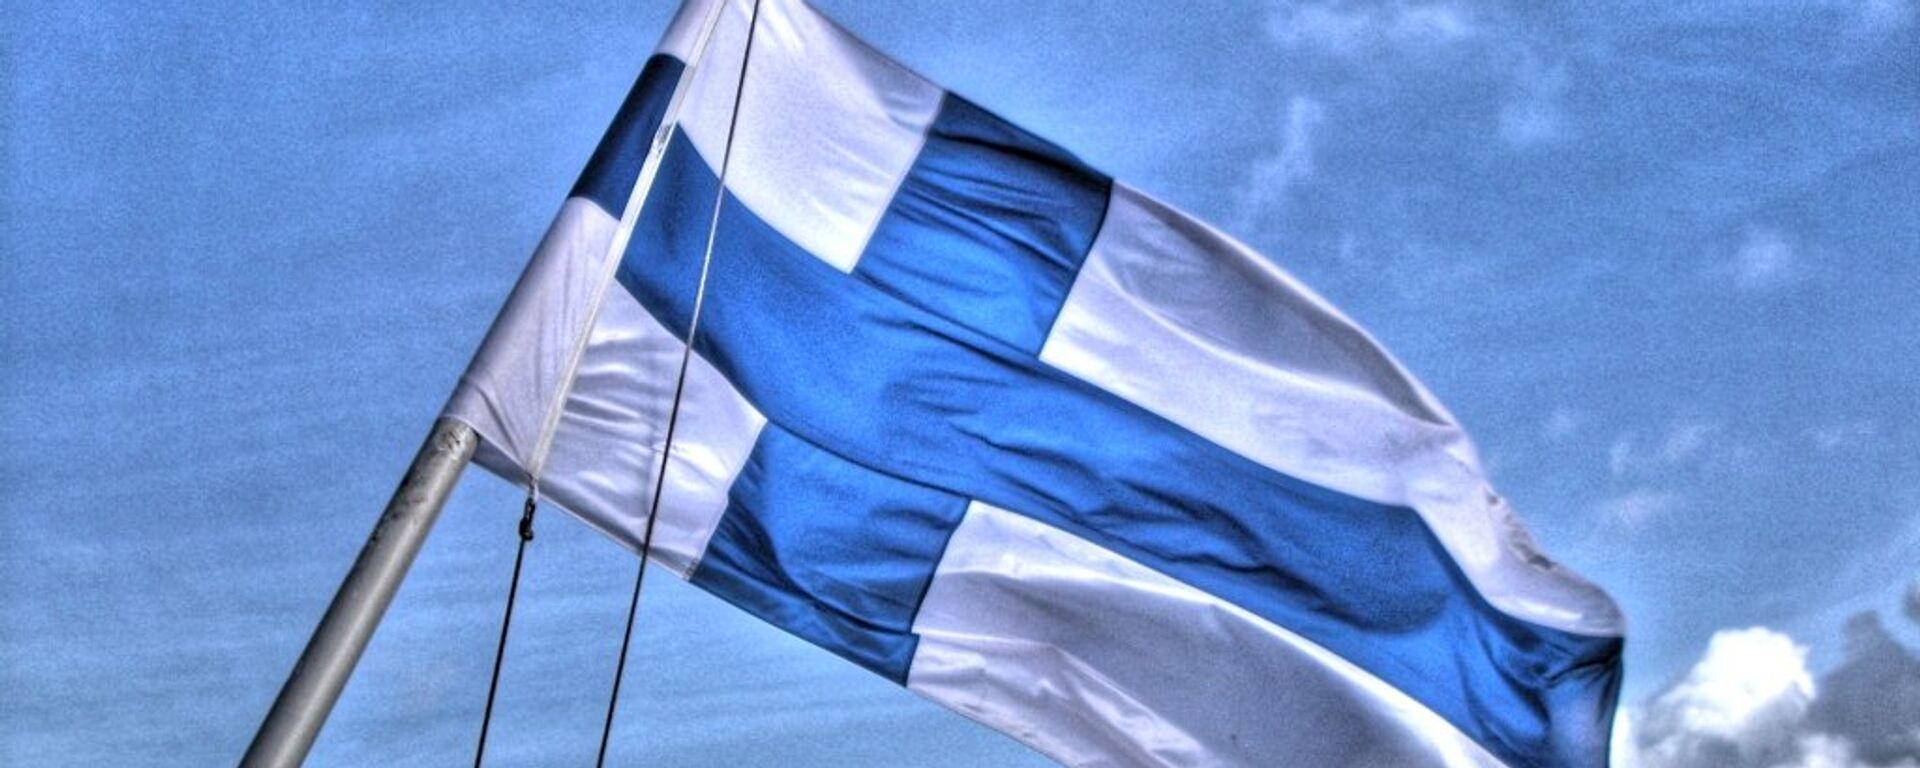 La bandiera finlandese - Sputnik Italia, 1920, 06.08.2021